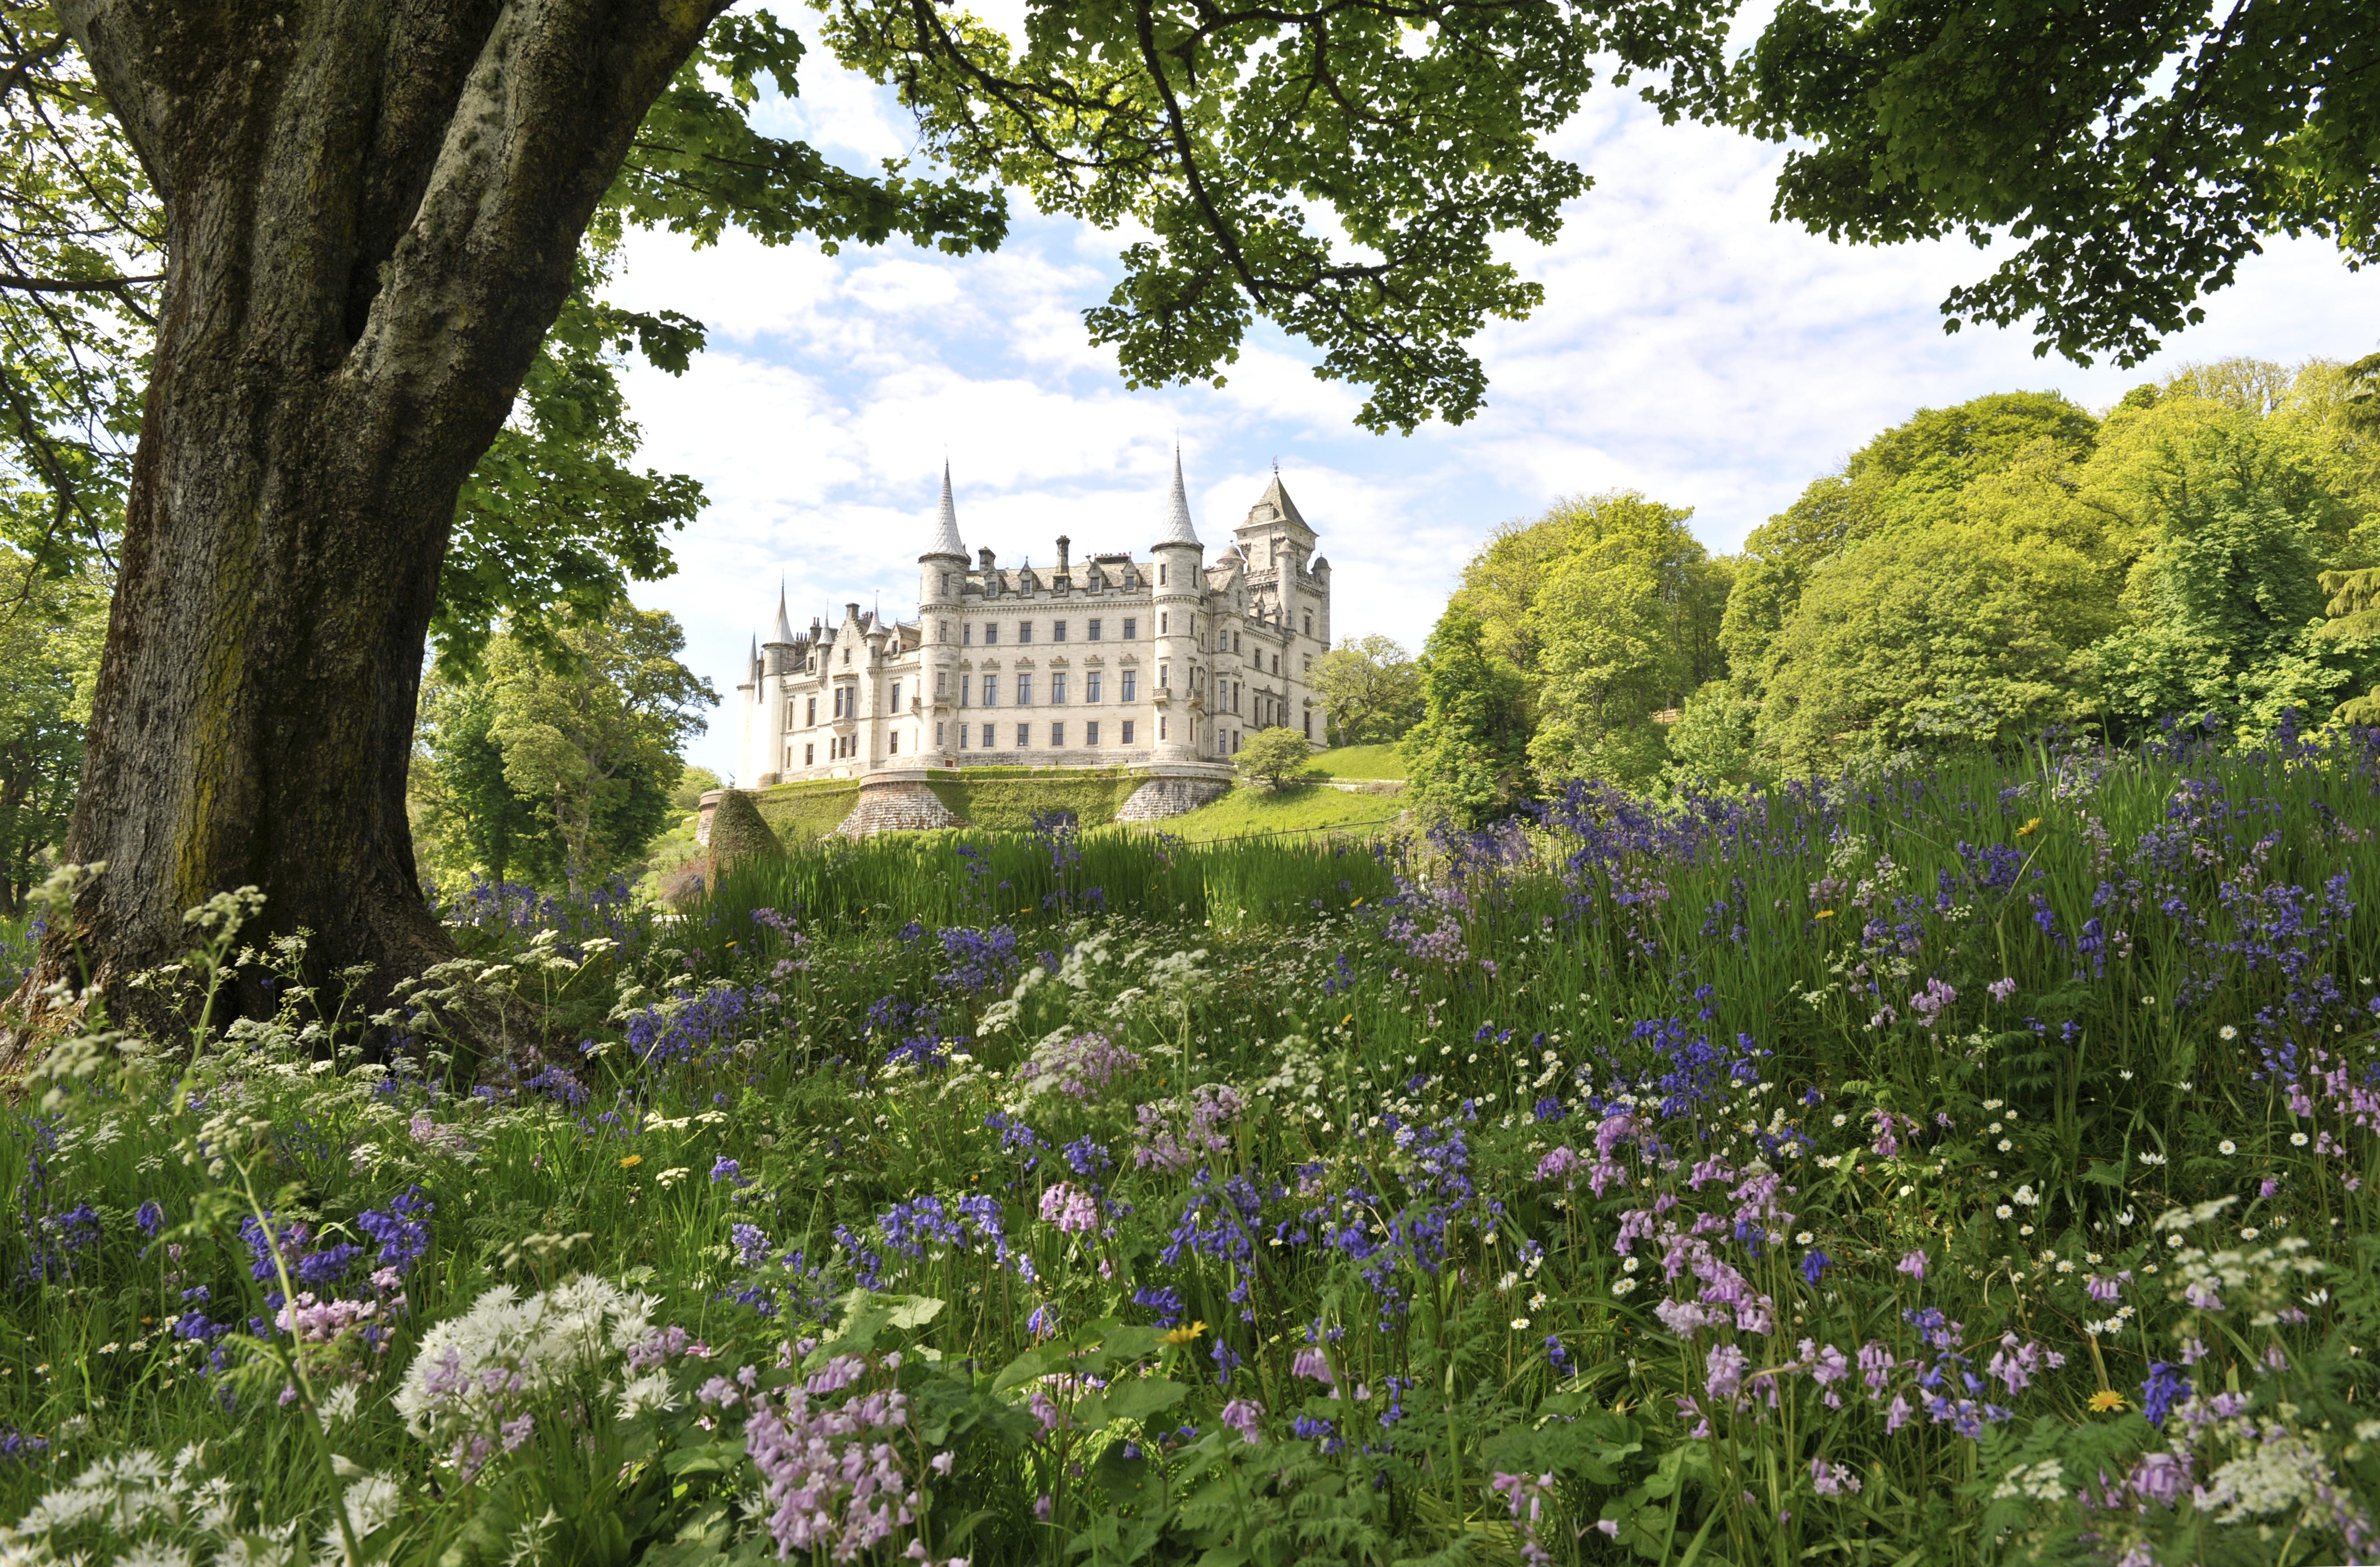 Dunrobin Castle ©Johannes Ratermann